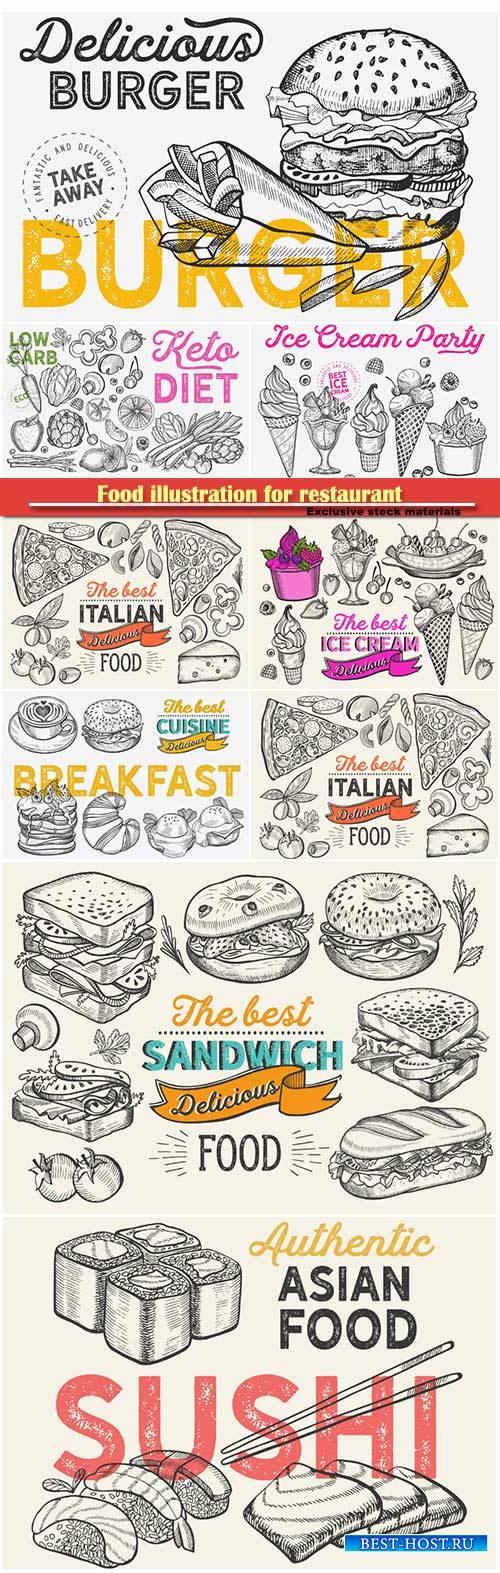 Food illustration for restaurant on vintage background